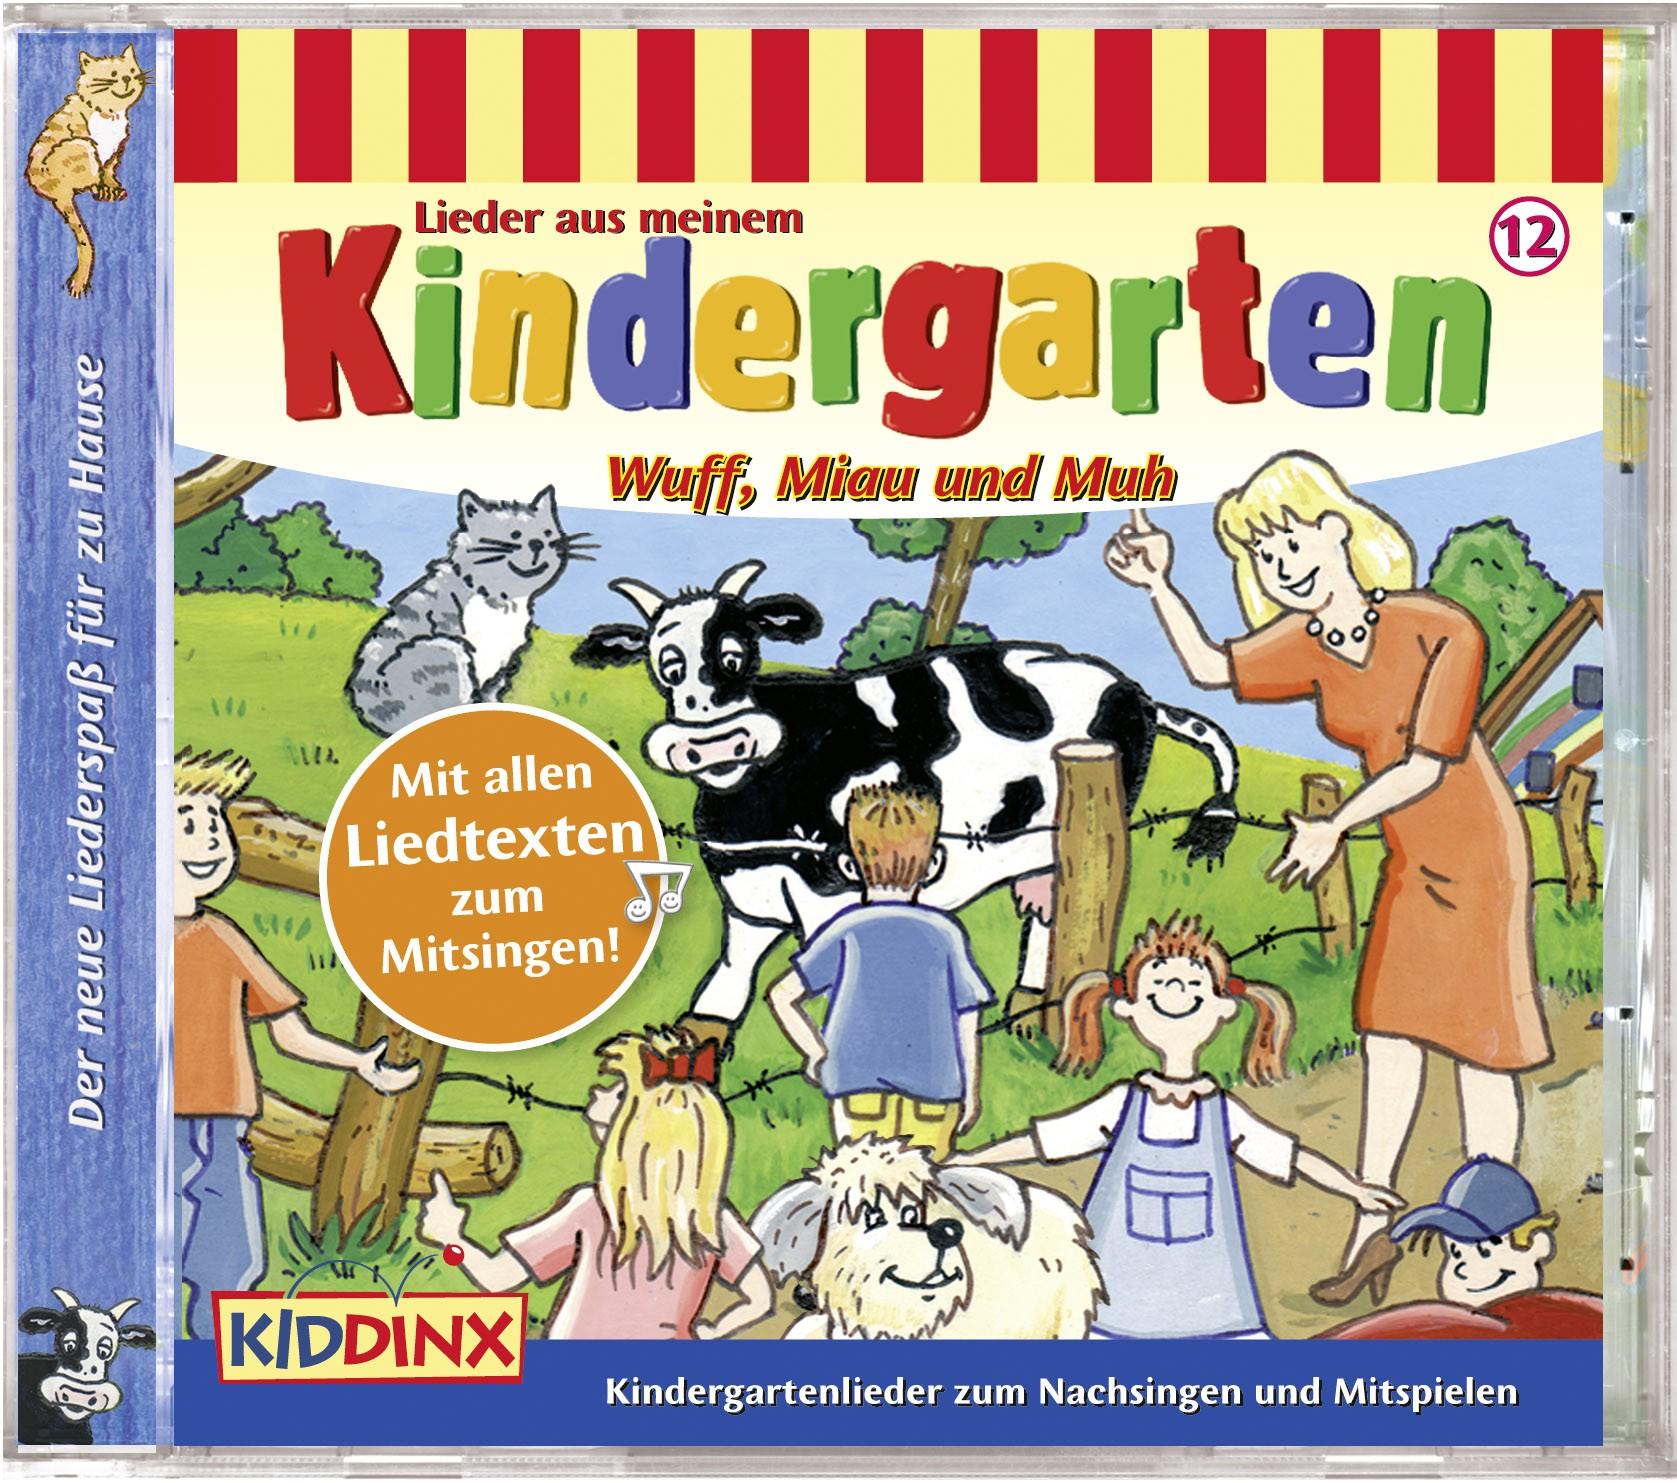 Lieder aus meinem Kindergarten: Wuff, Miau und Muh (Folge 12)